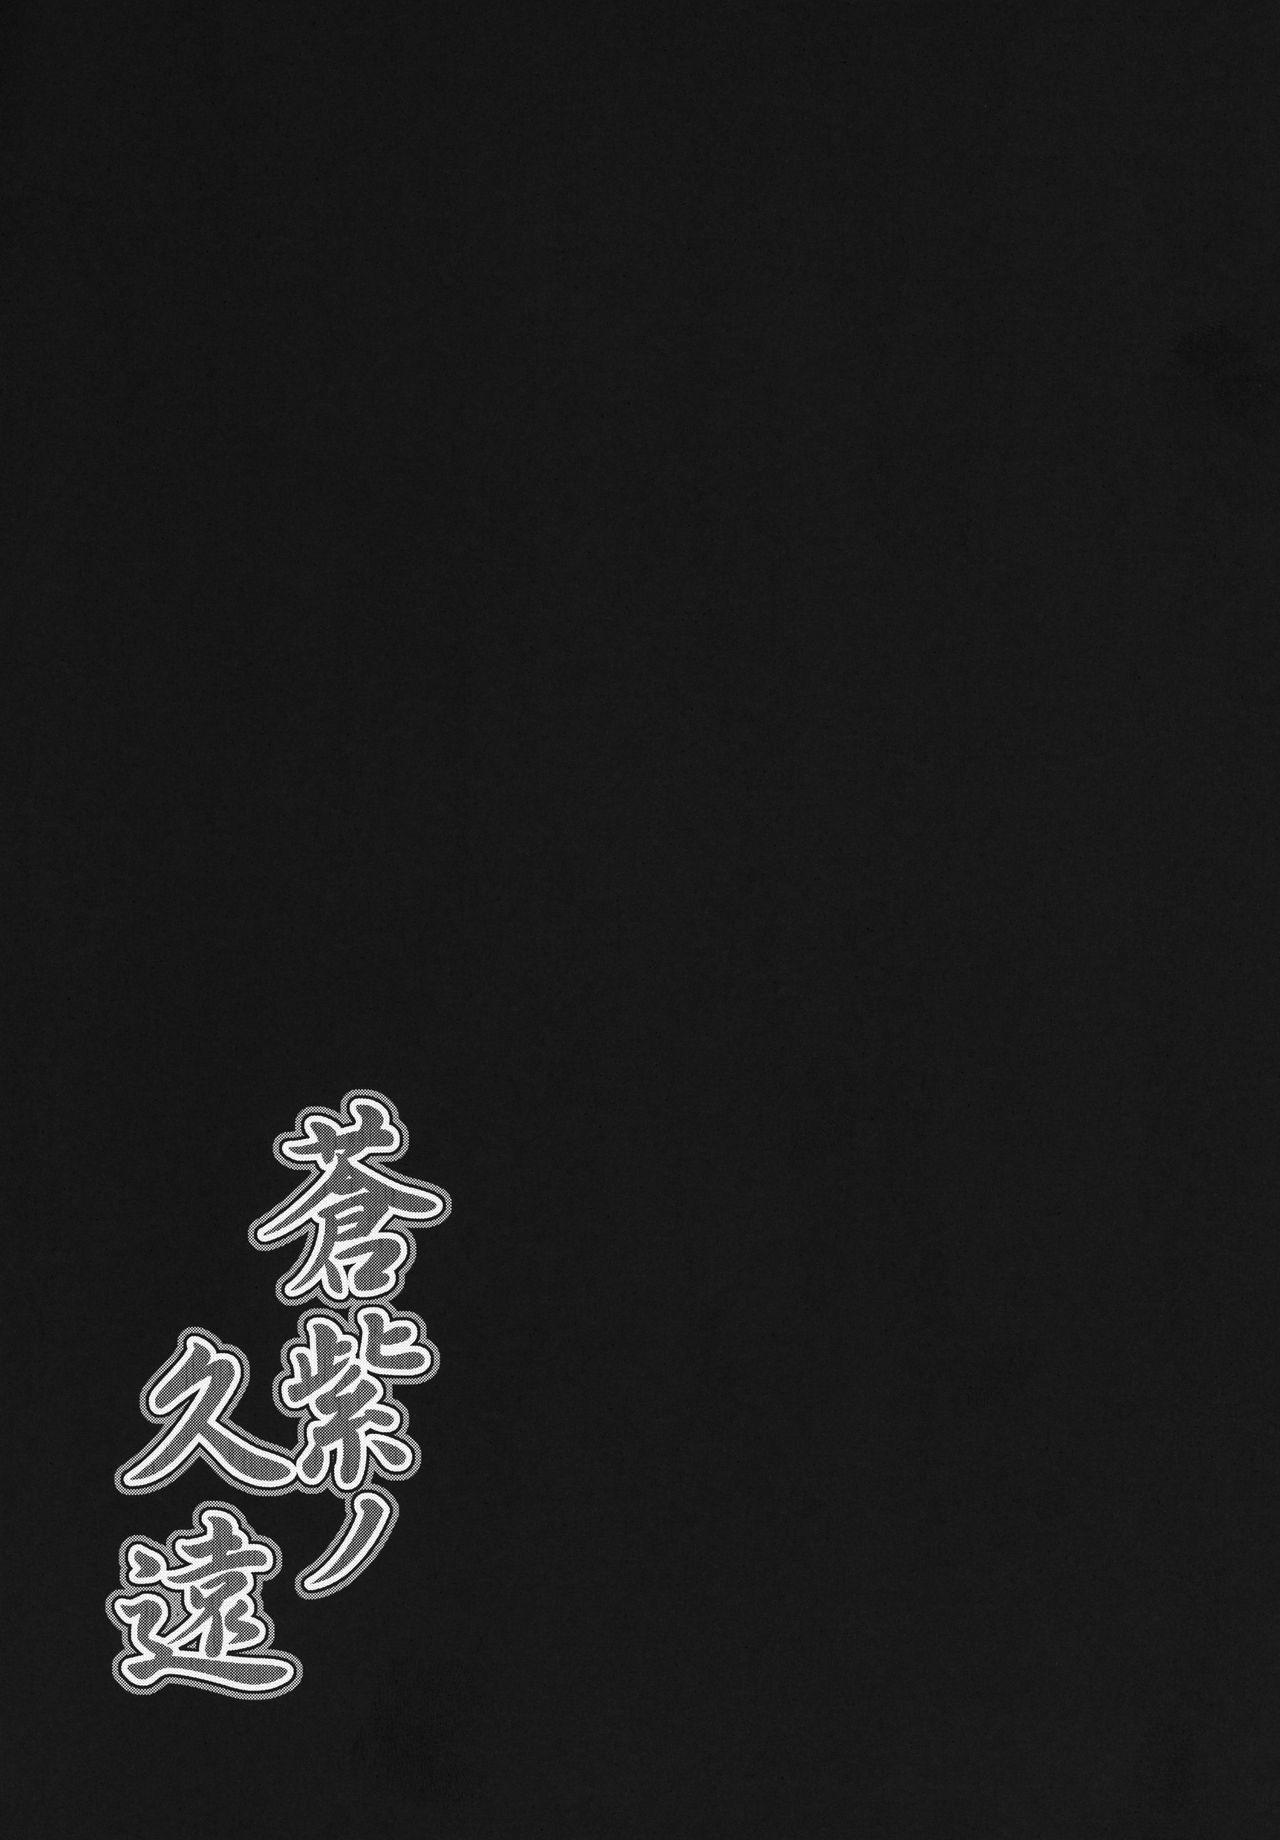 Aoshi no Kuon 19